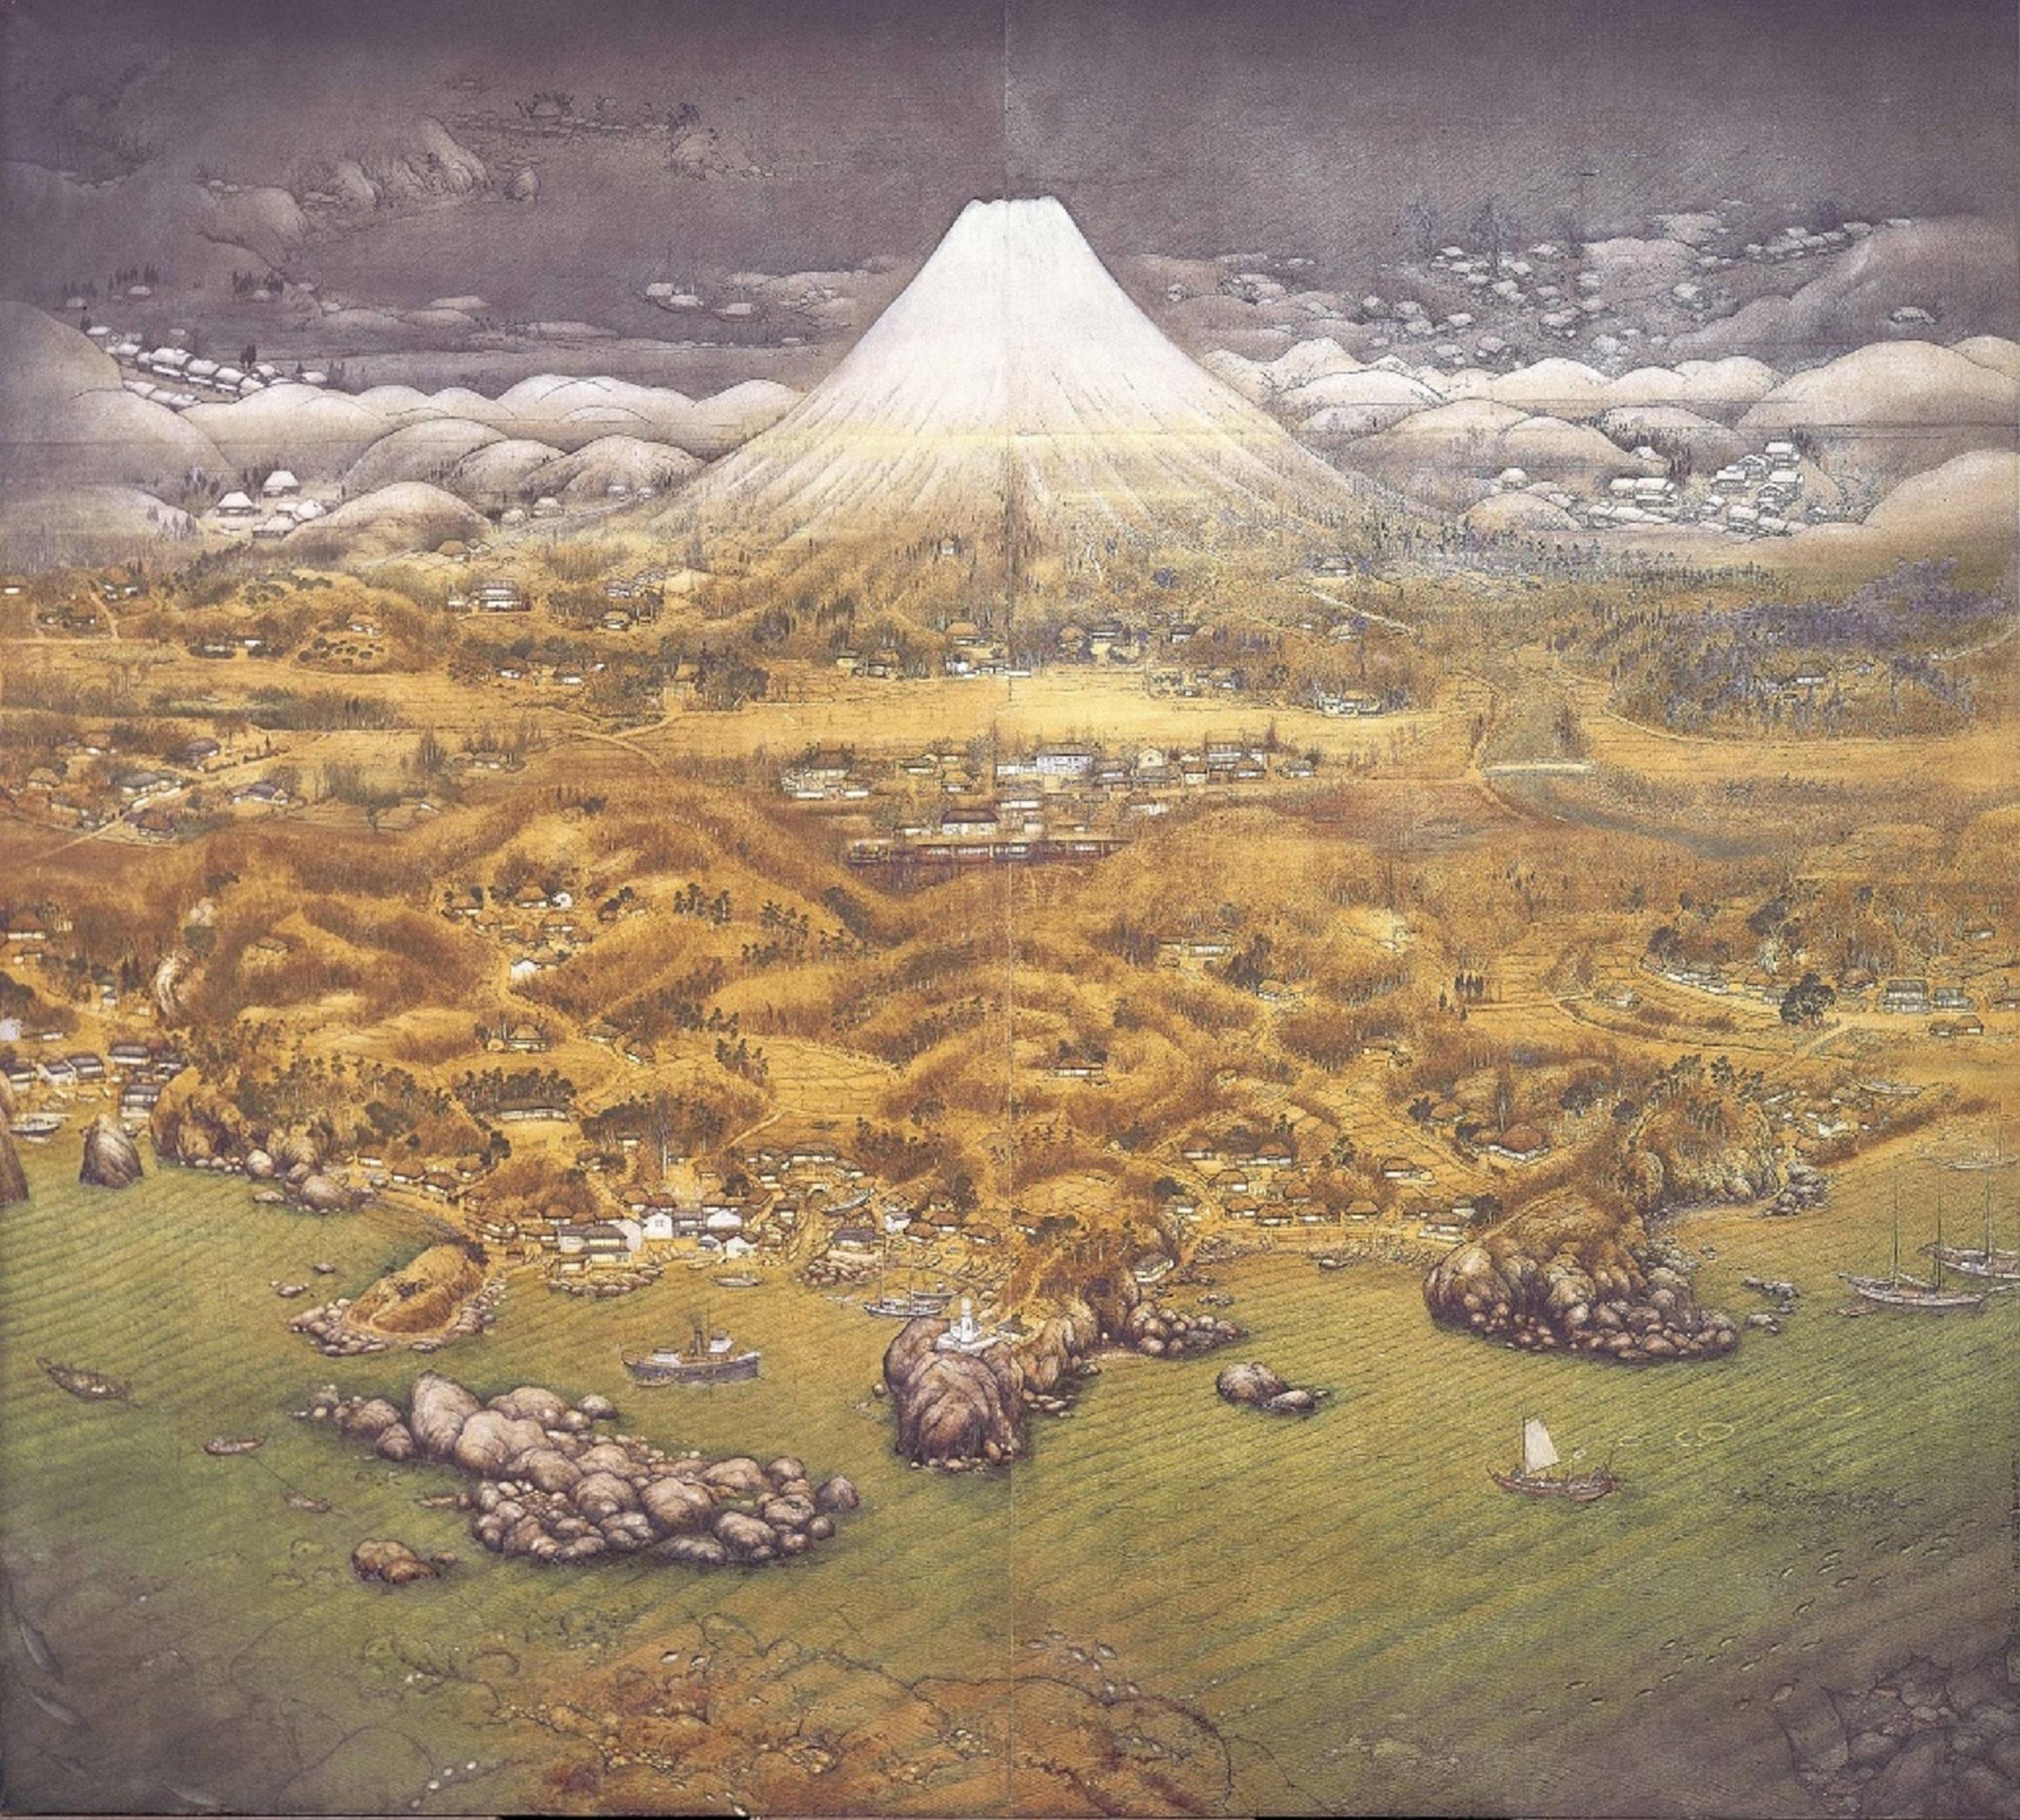 《山海図絵(伊豆の追憶)》大正14(1925)年 木下美術館蔵